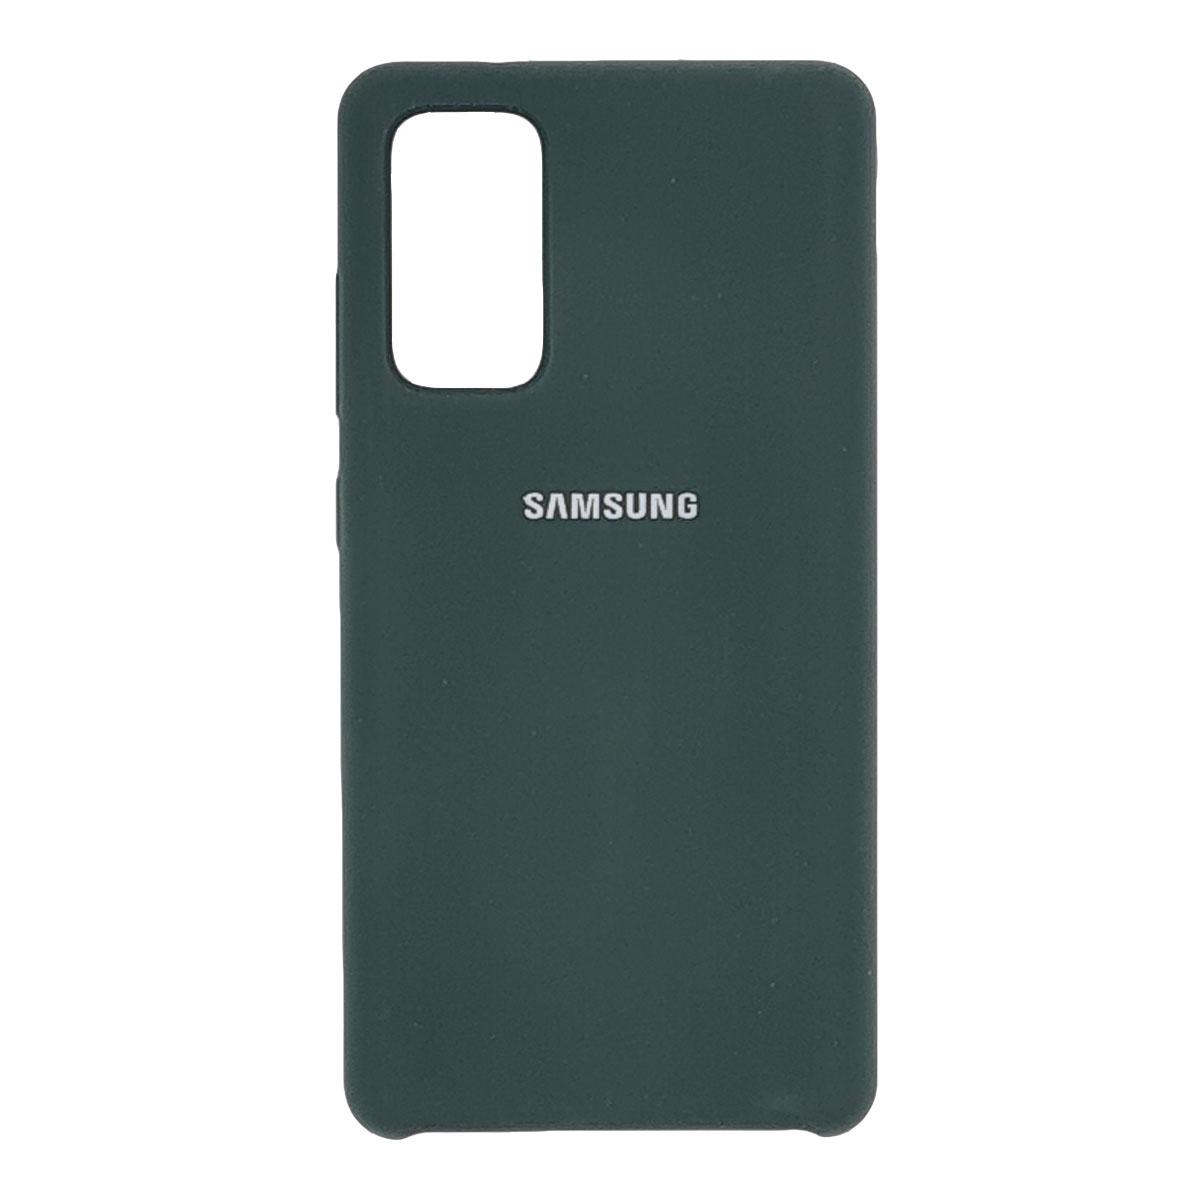 کاور مدل Sillic مناسب برای گوشی موبایل سامسونگ Galaxy S20 FE